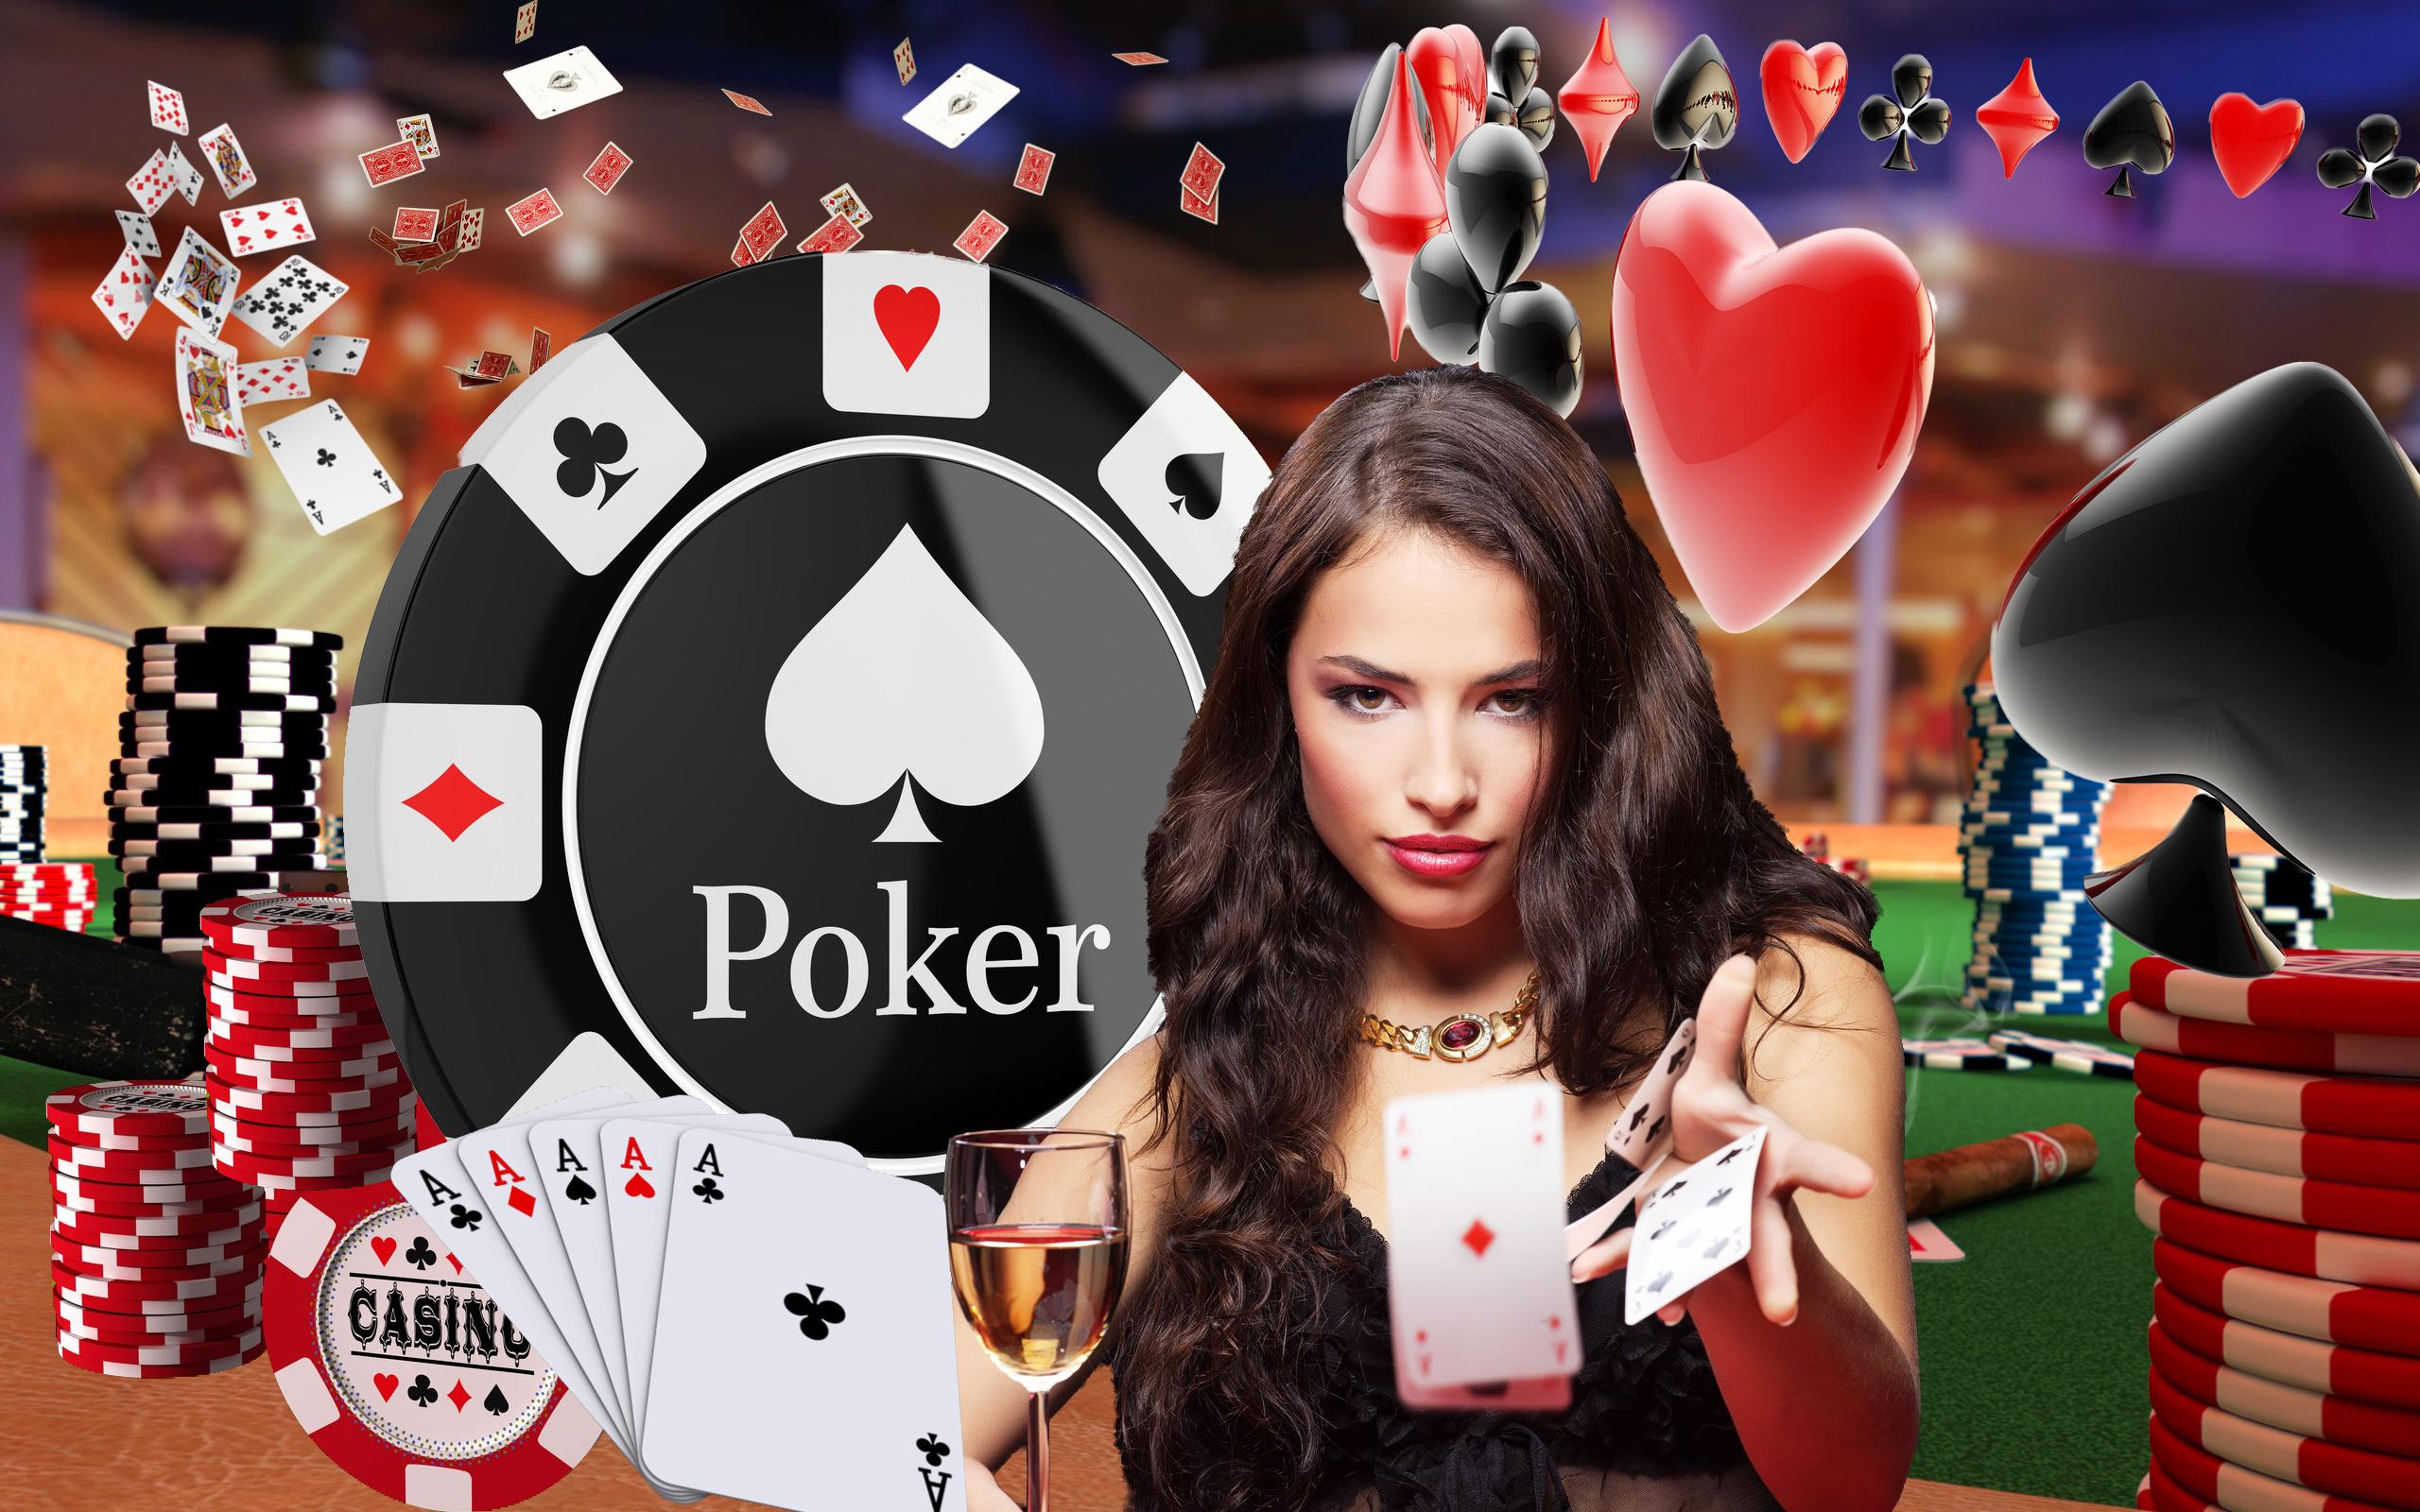 бесплатно смотреть покер онлайн играть